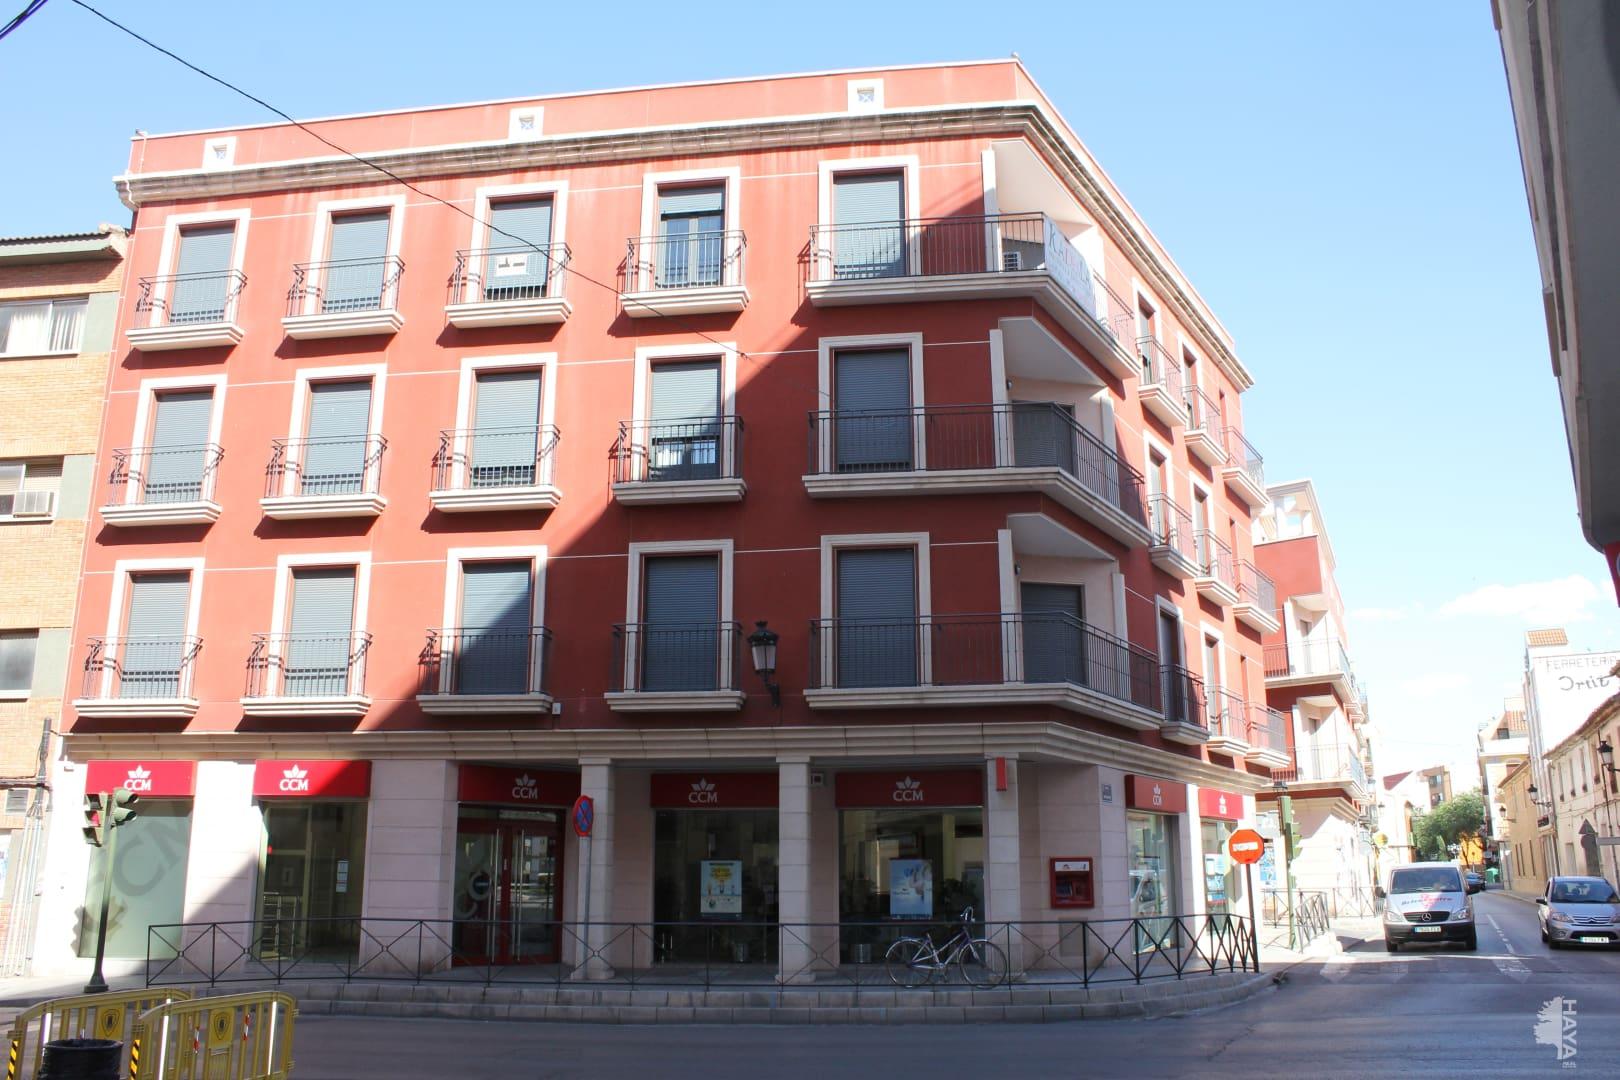 Local en venta en Tomelloso, Ciudad Real, Calle Juan Pablo Ii, 220.000 €, 630 m2